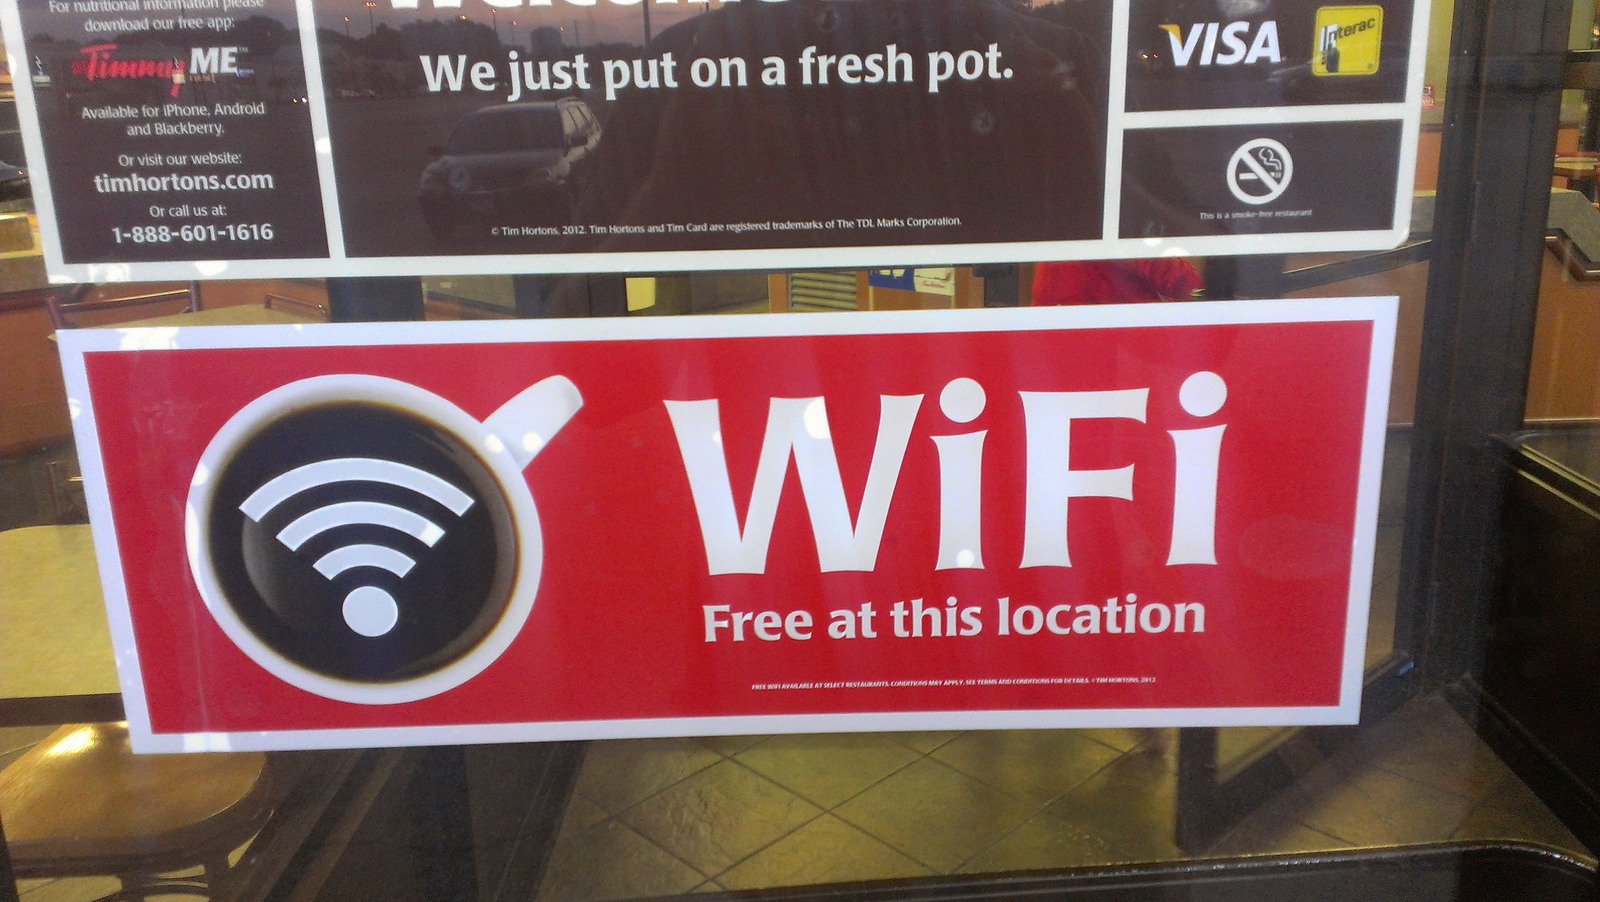 wifi free restaurant